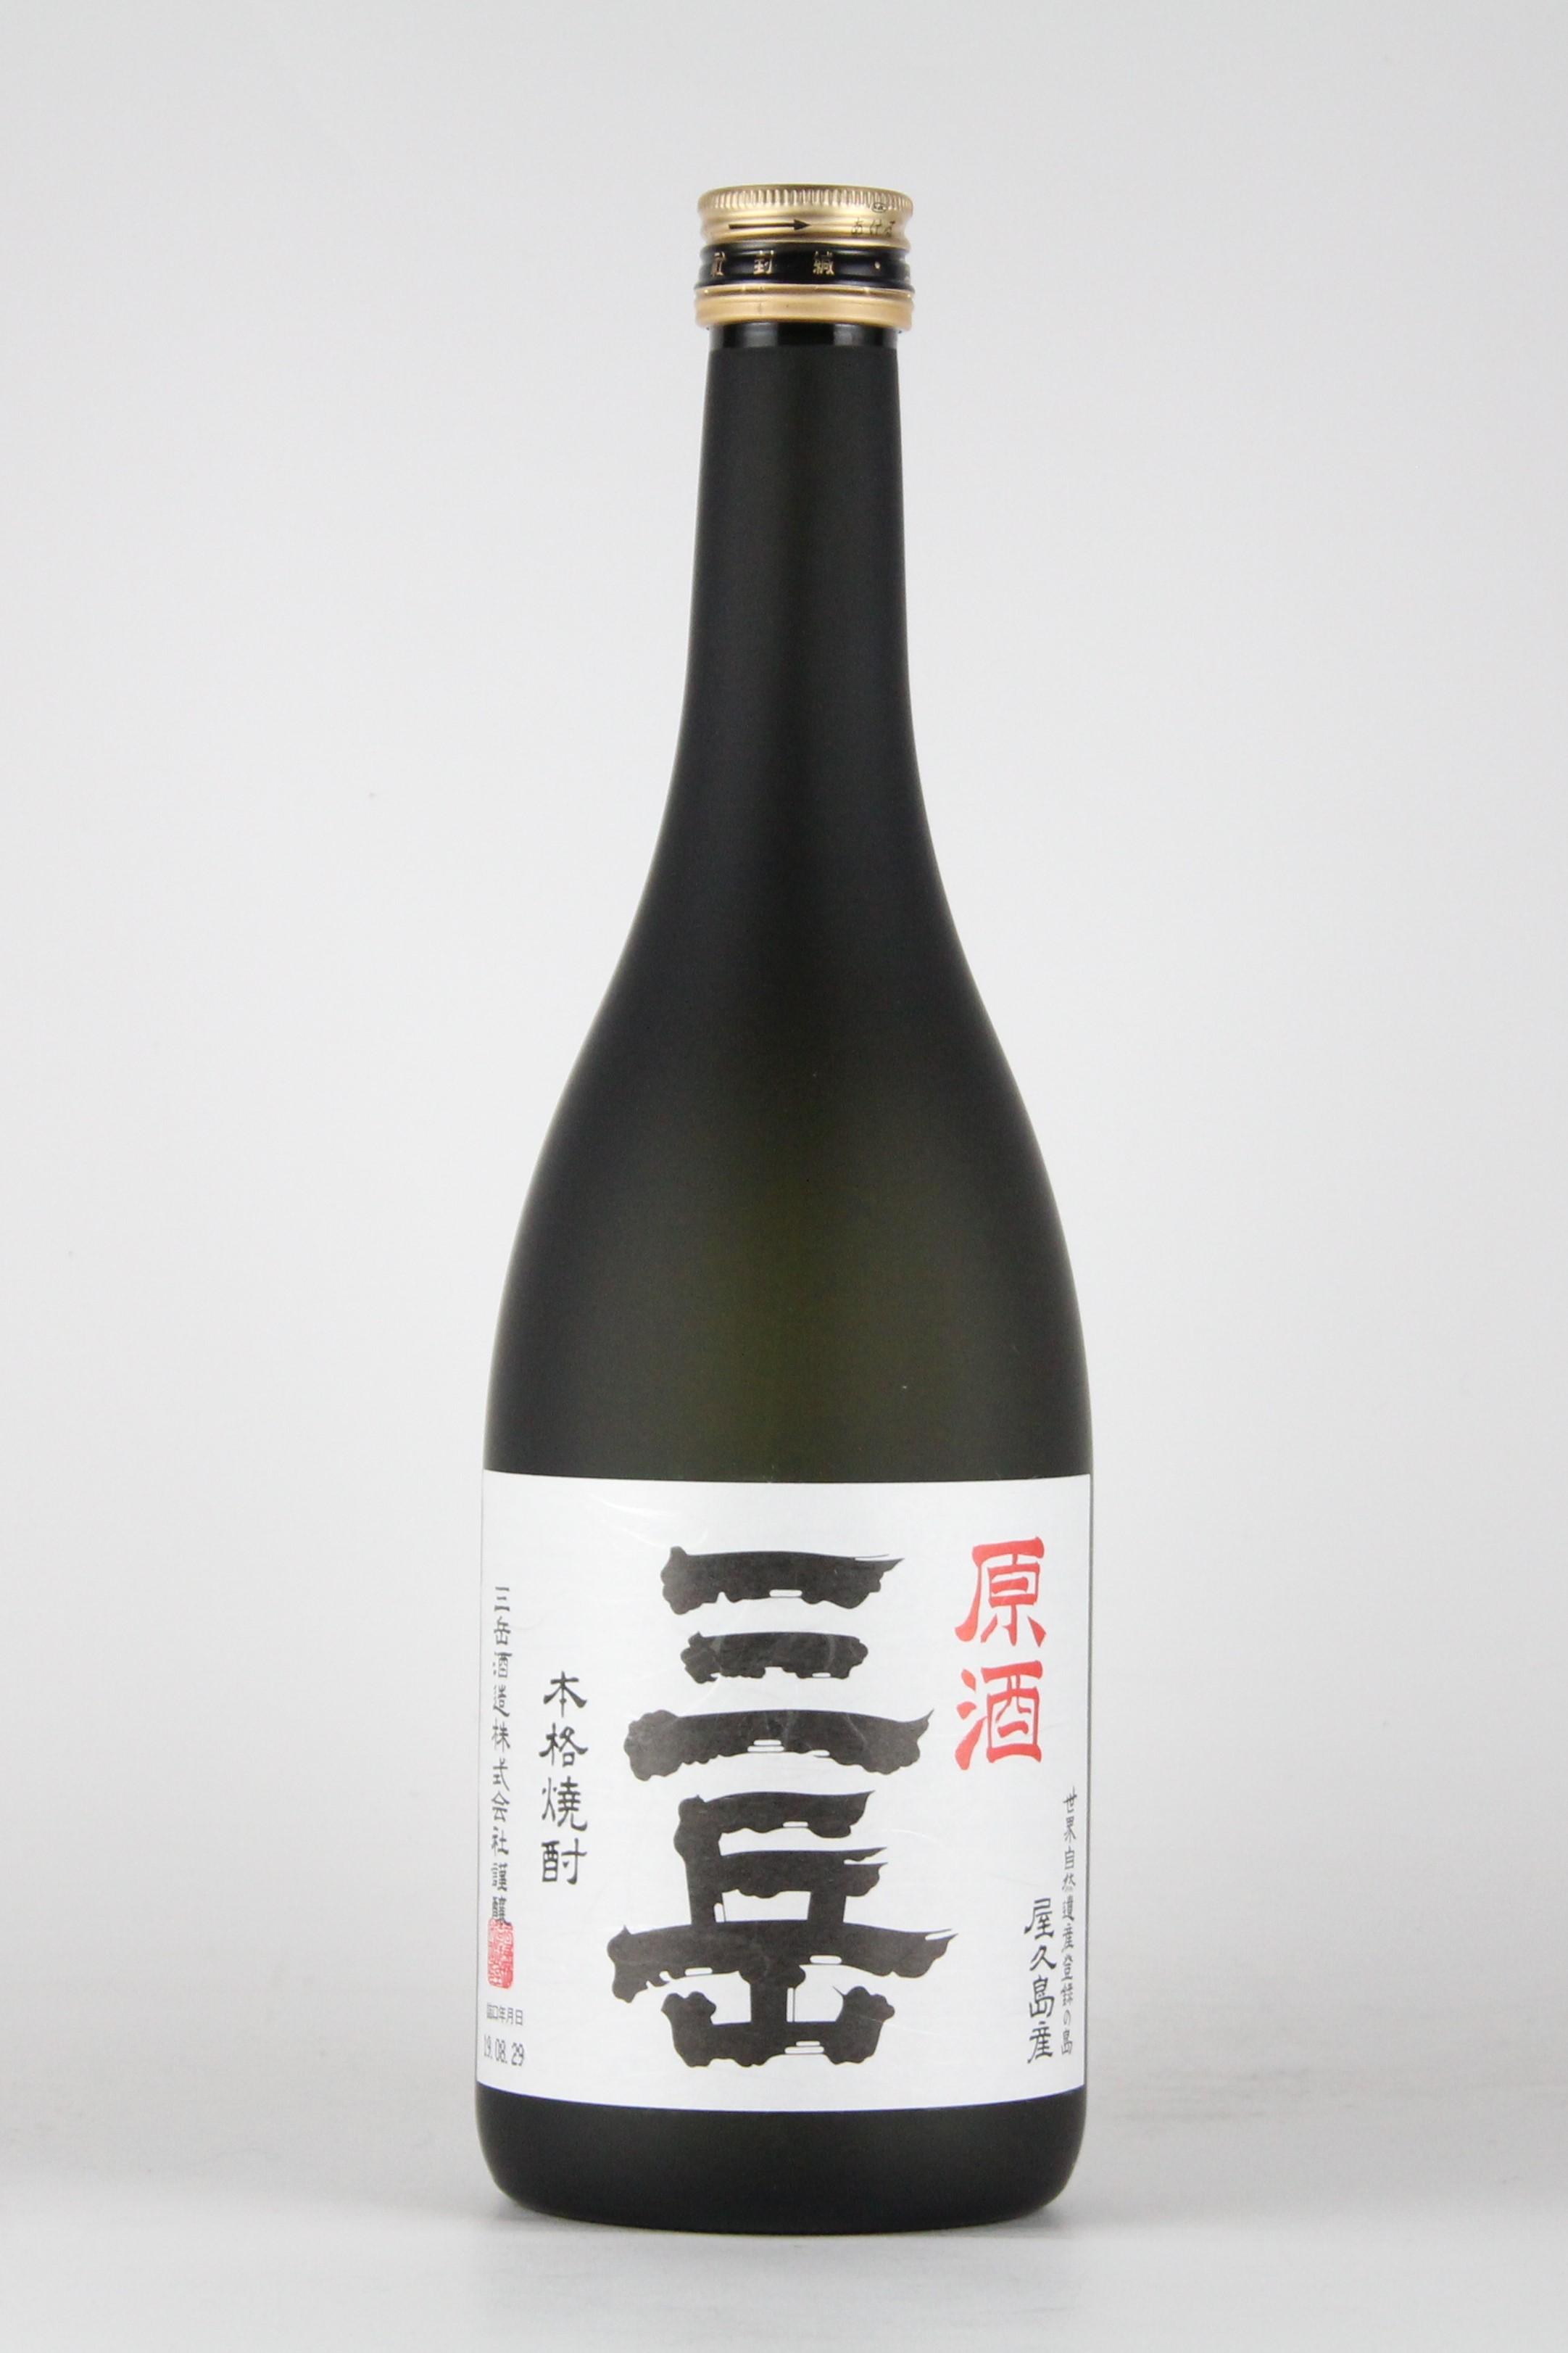 芋焼酎 三岳 原酒 39度 720ml 【鹿児島/三岳酒造】